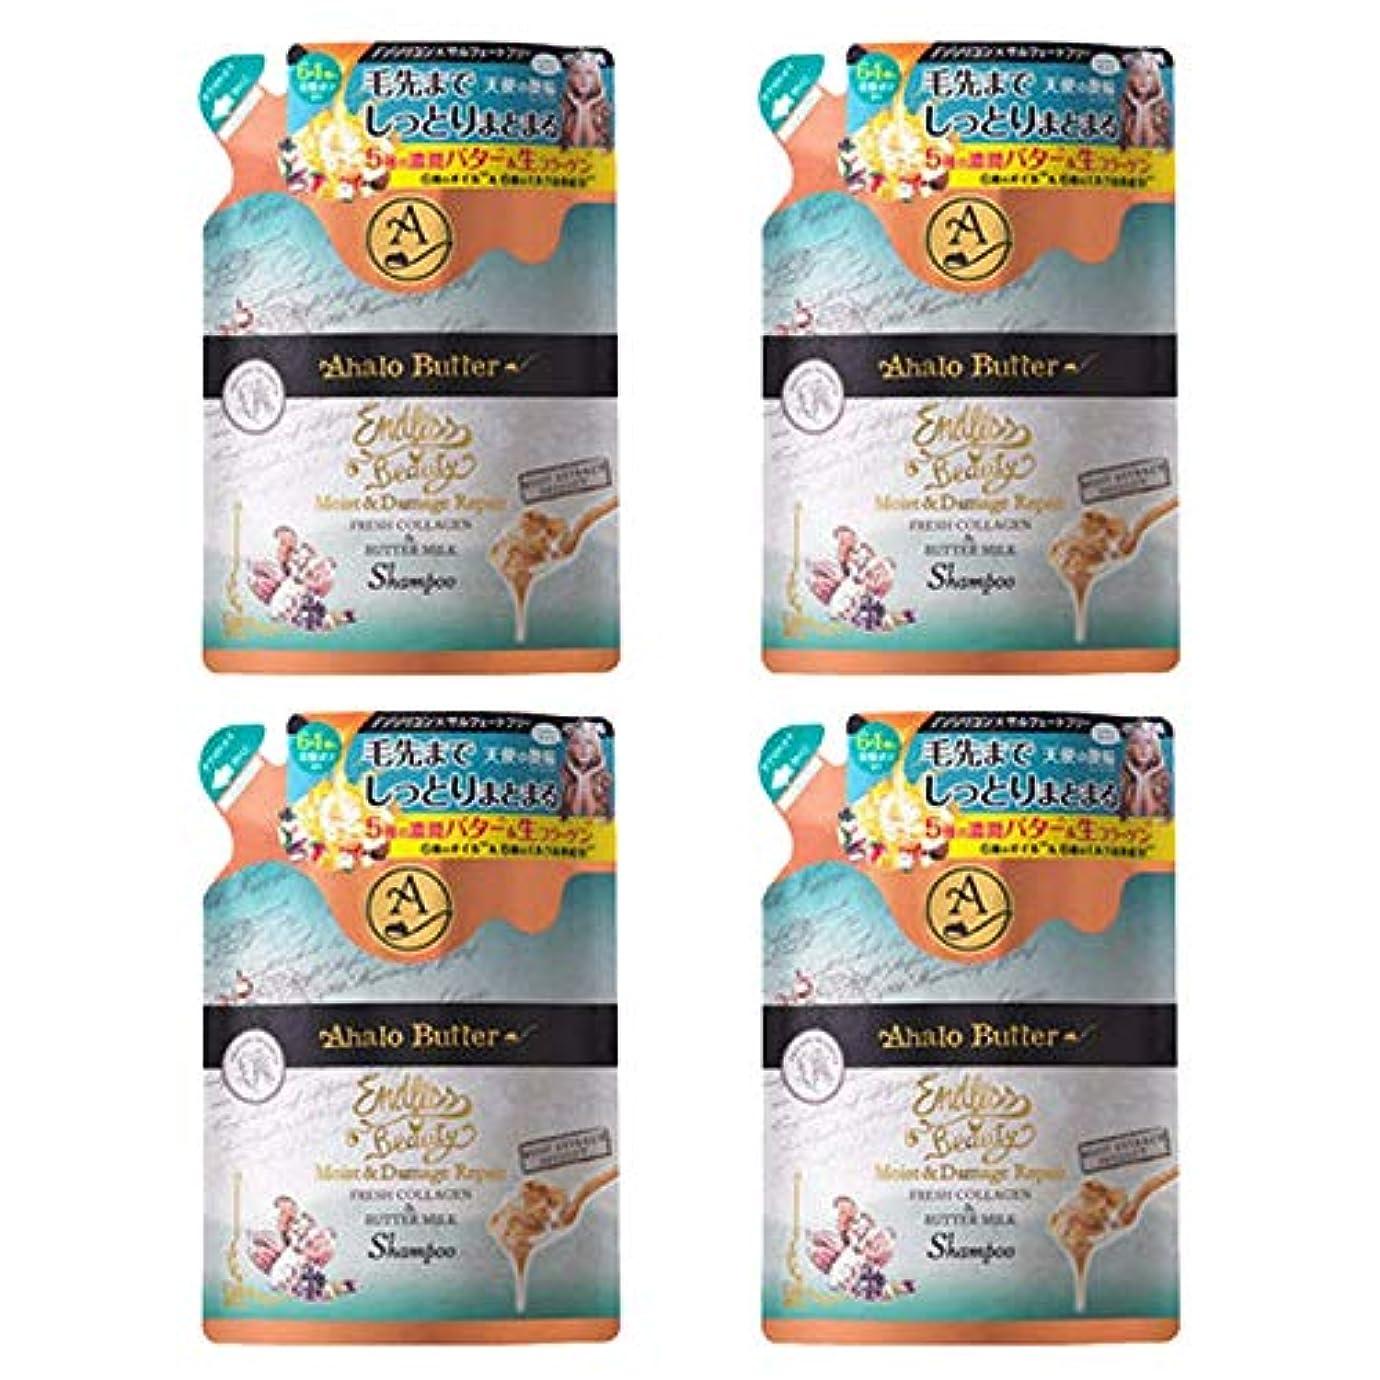 【4袋セット】 アハロバター リッチモイスト リペアシャンプー つめかえ用400ml × 4袋